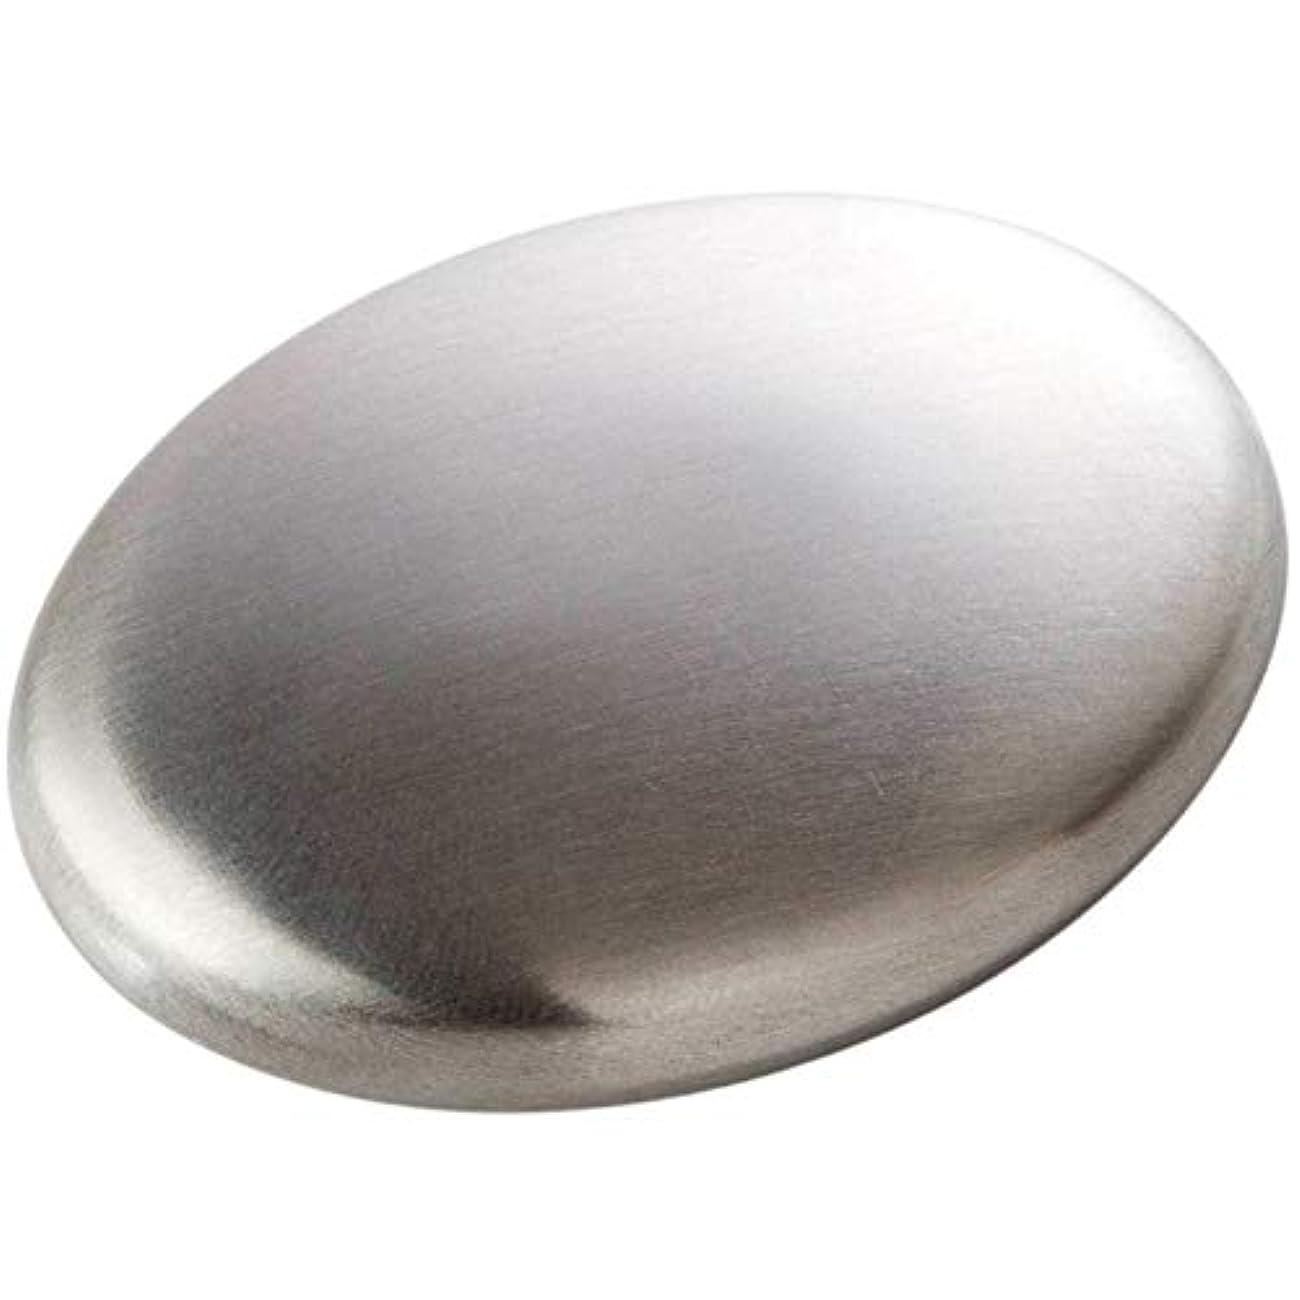 手綱クッション西部せっけん ステンレス鋼 消臭 石鹸 にんにくと魚のような臭いを取り除き ステンレス鋼 臭気除去剤 匂い除去剤 最新型 人気 実用的 Cutelove